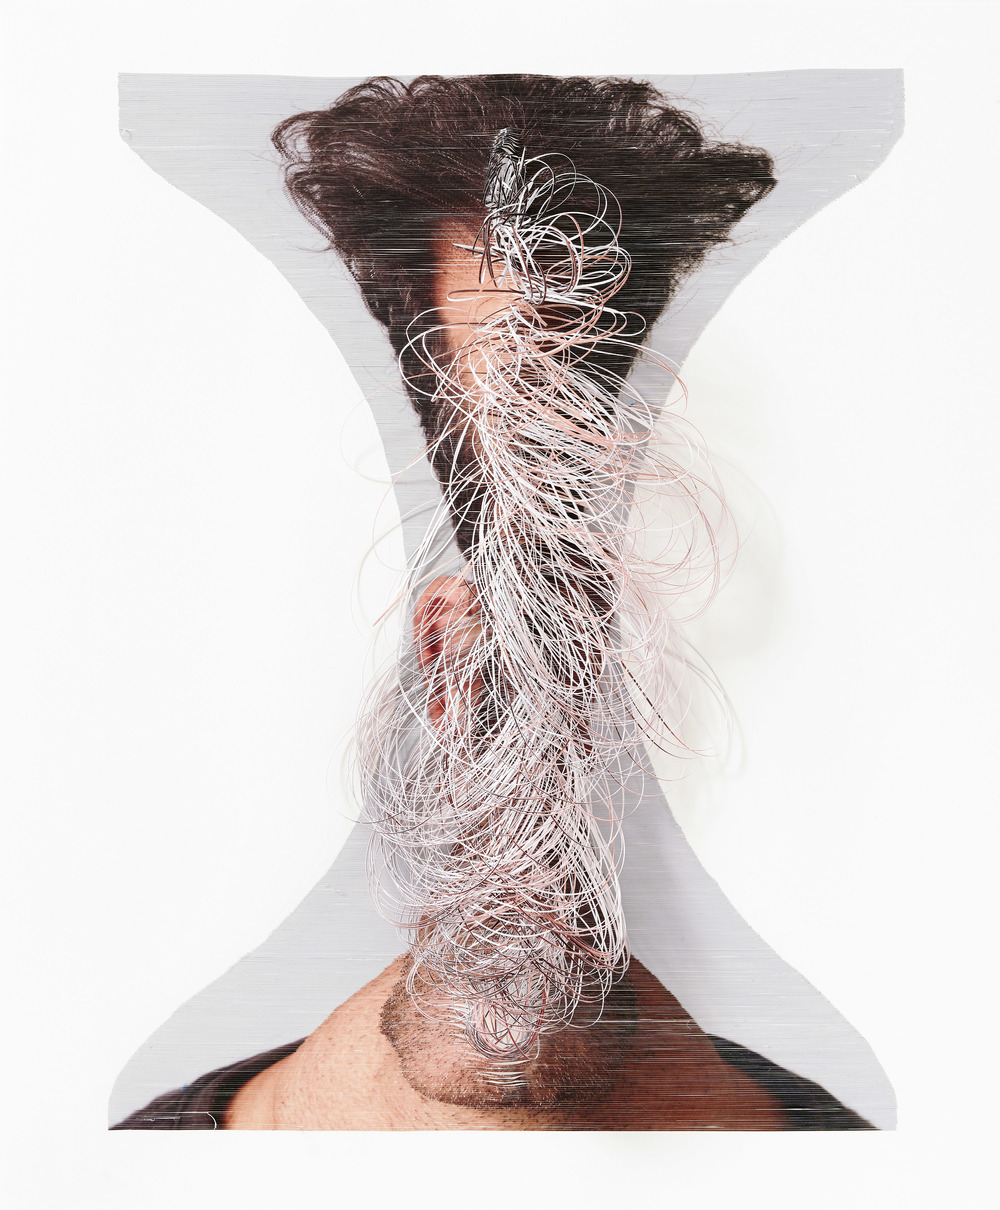 Looping #3 , 2014,Hand-cut colour photograph, Perspex box, 76 x 61 x 11.5 cm